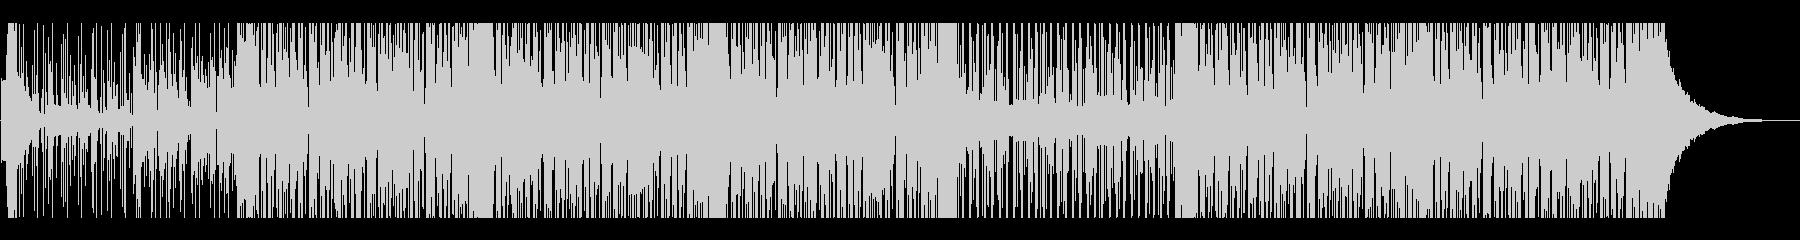 浮遊感のあるマリンバ・アンビエントの未再生の波形